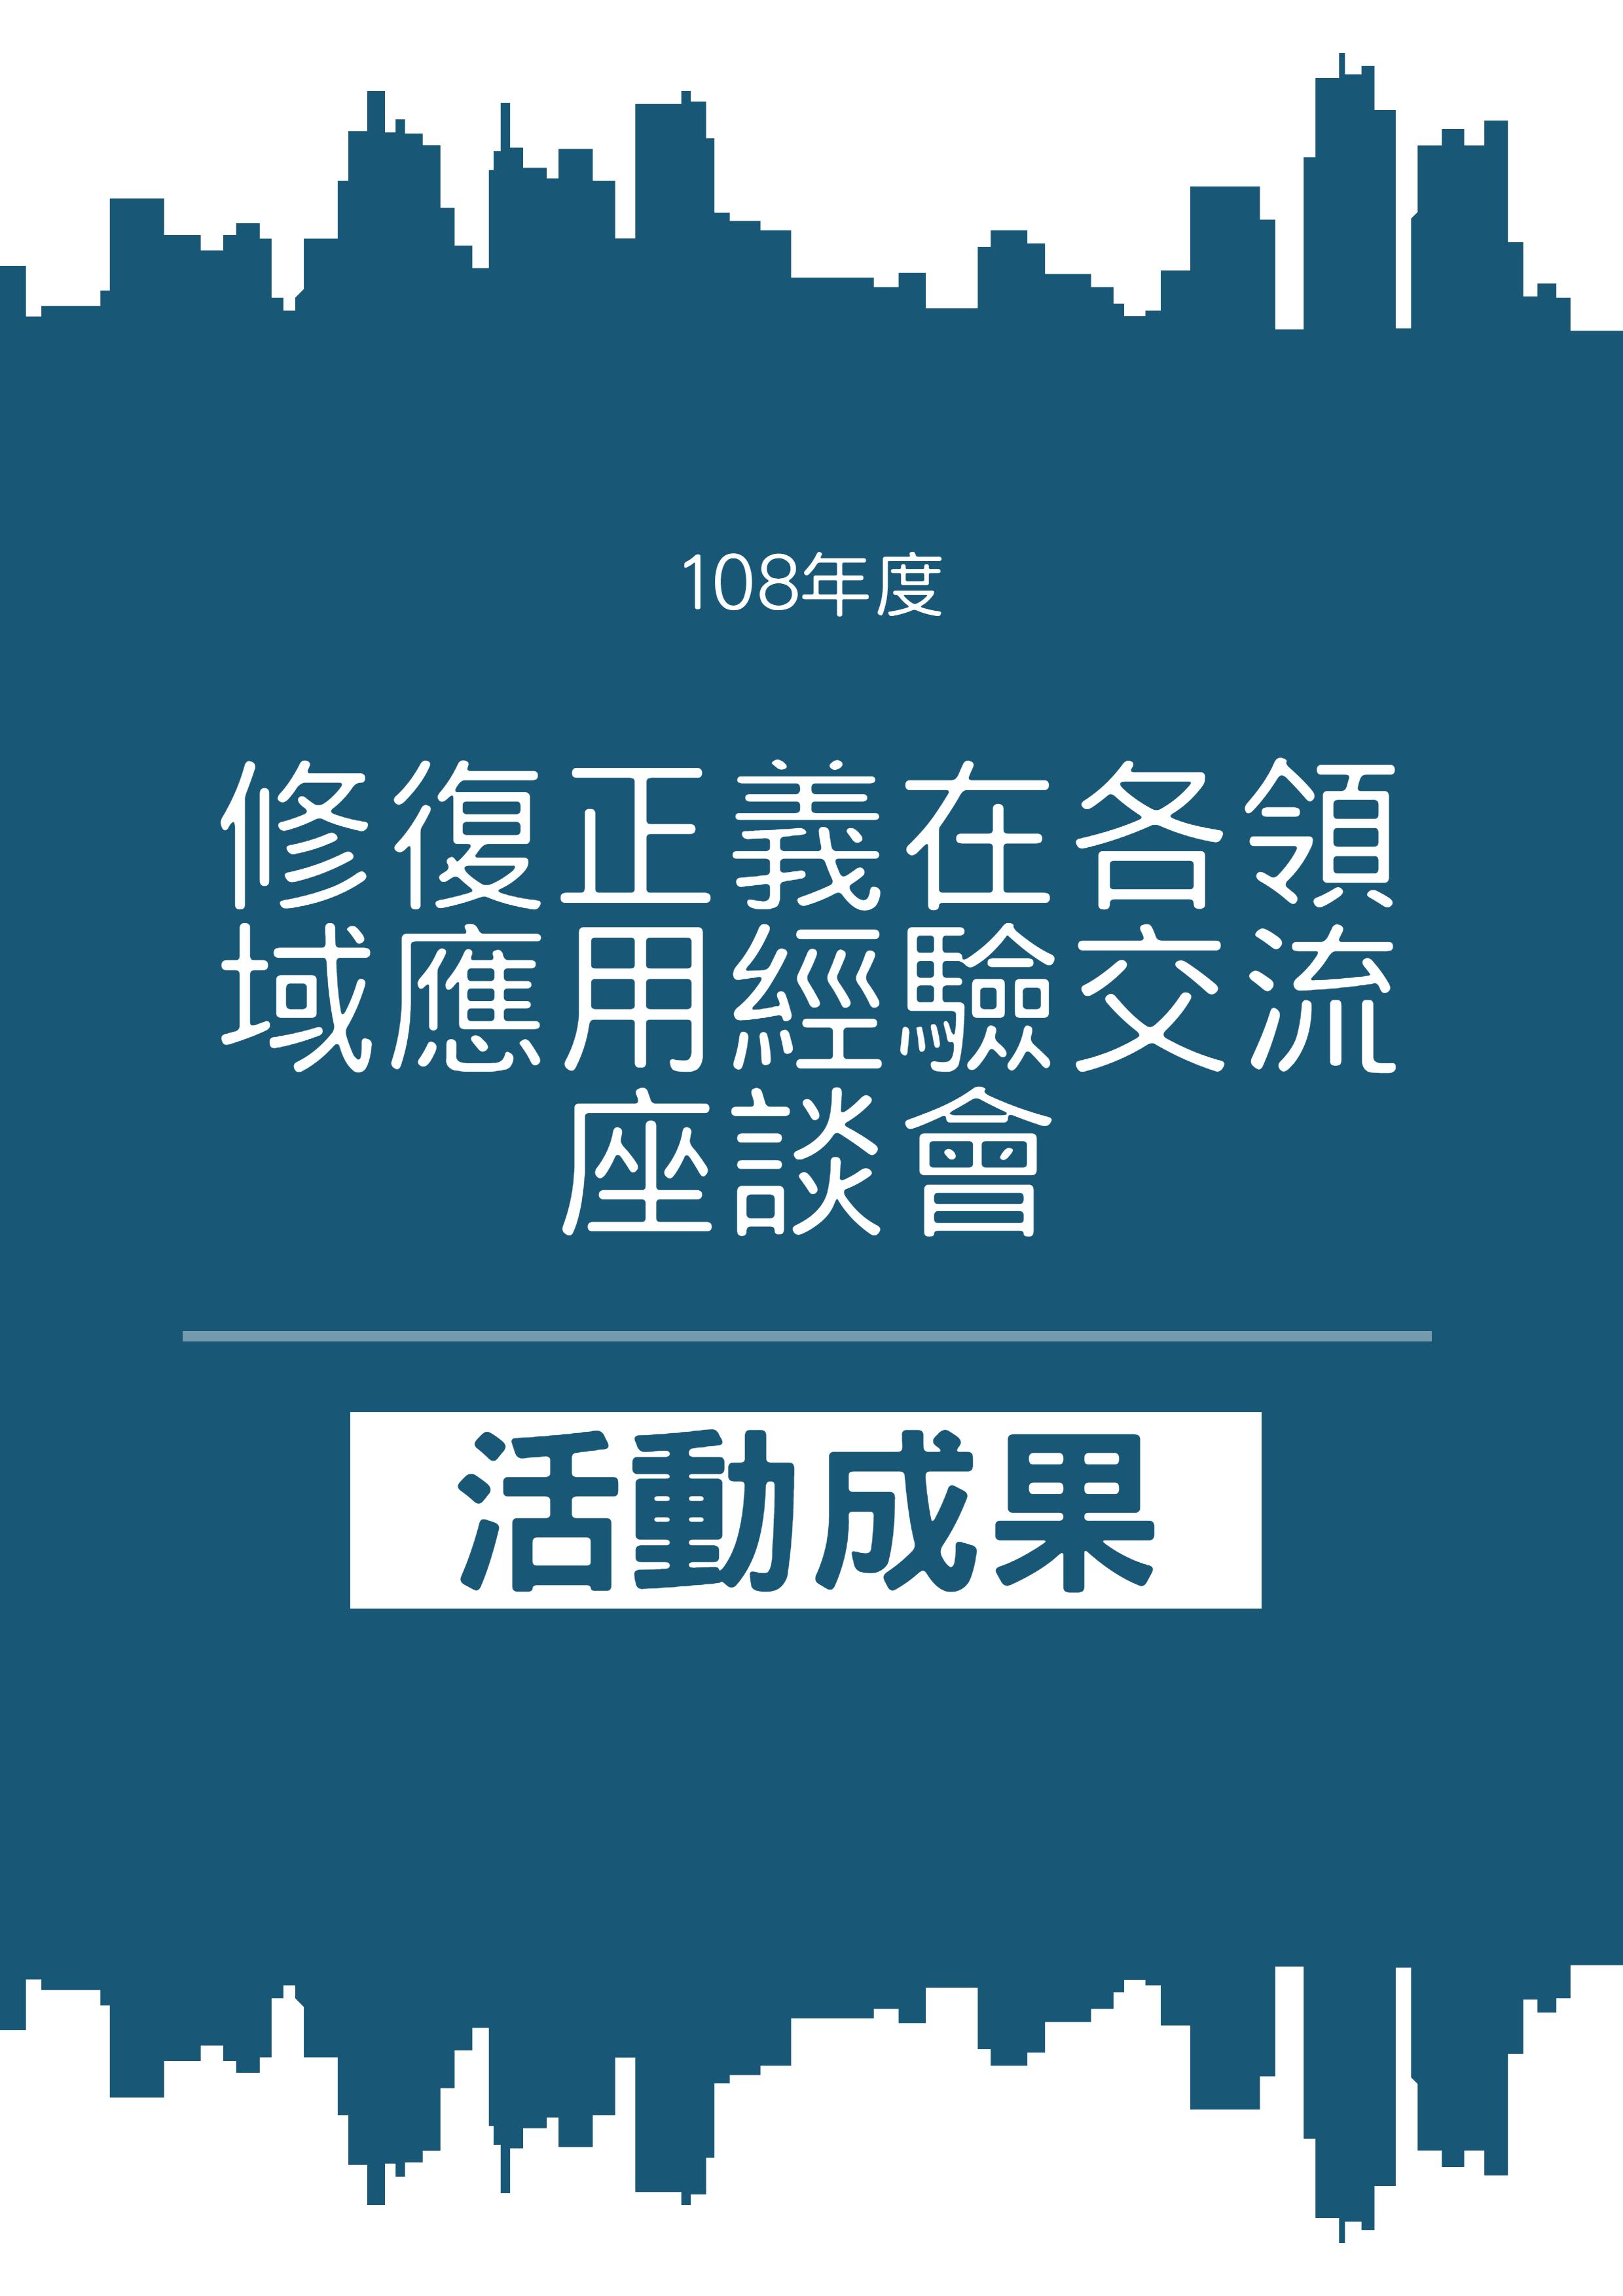 108年度「修復正義在各領域應用經驗交流」座談會成果!